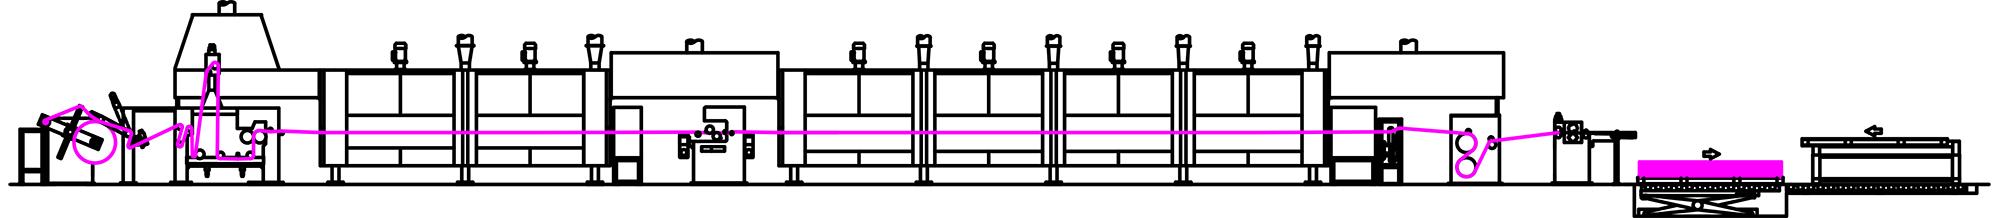 light-line